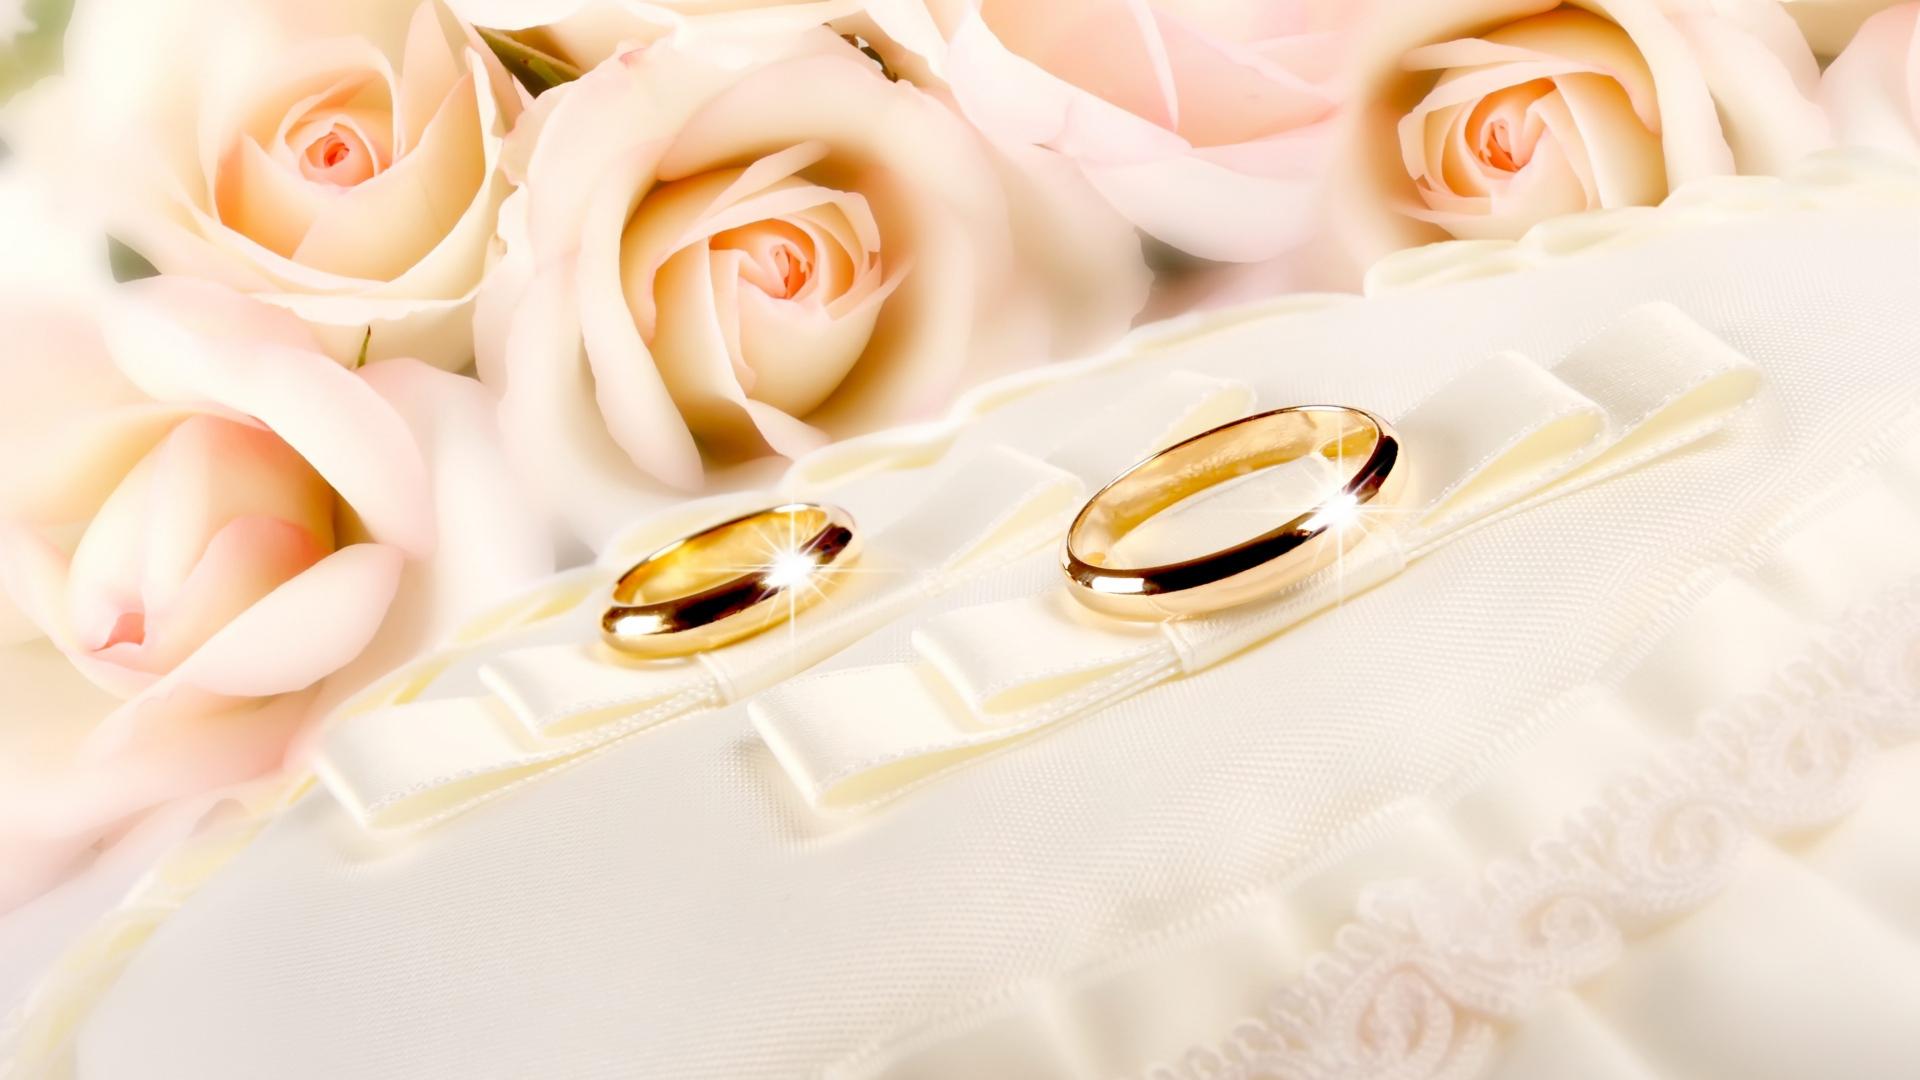 Cum sa alegi o formatie nunta fara prea multe batai de cap